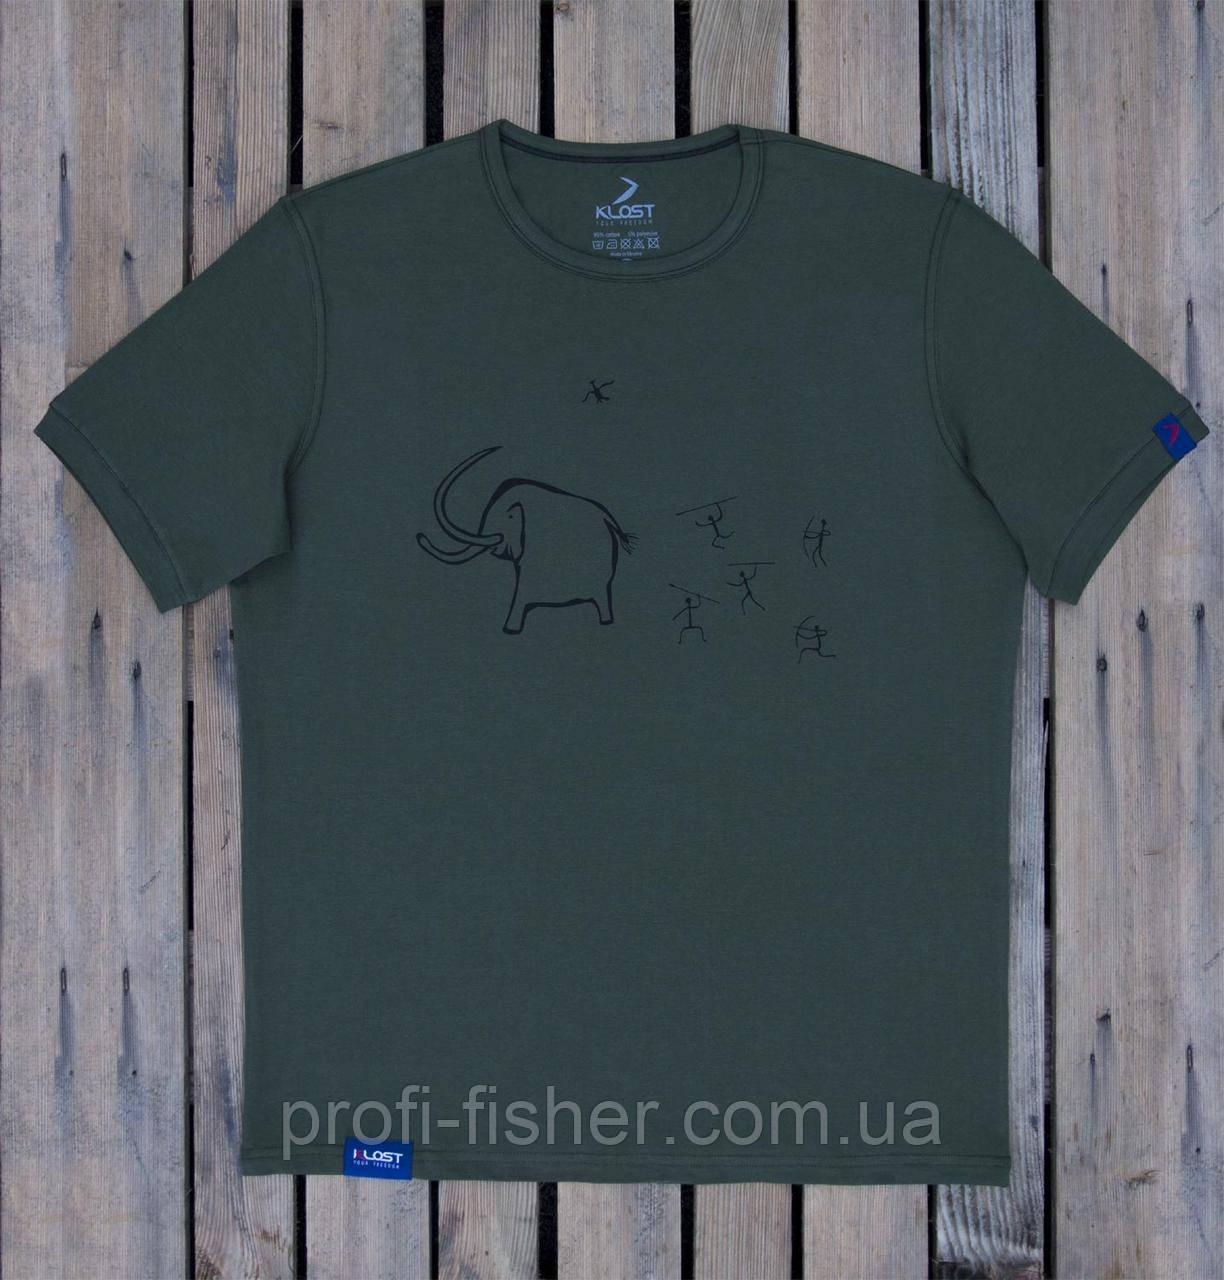 Футболка KLOST Охота на мамонта 70.03 S Green